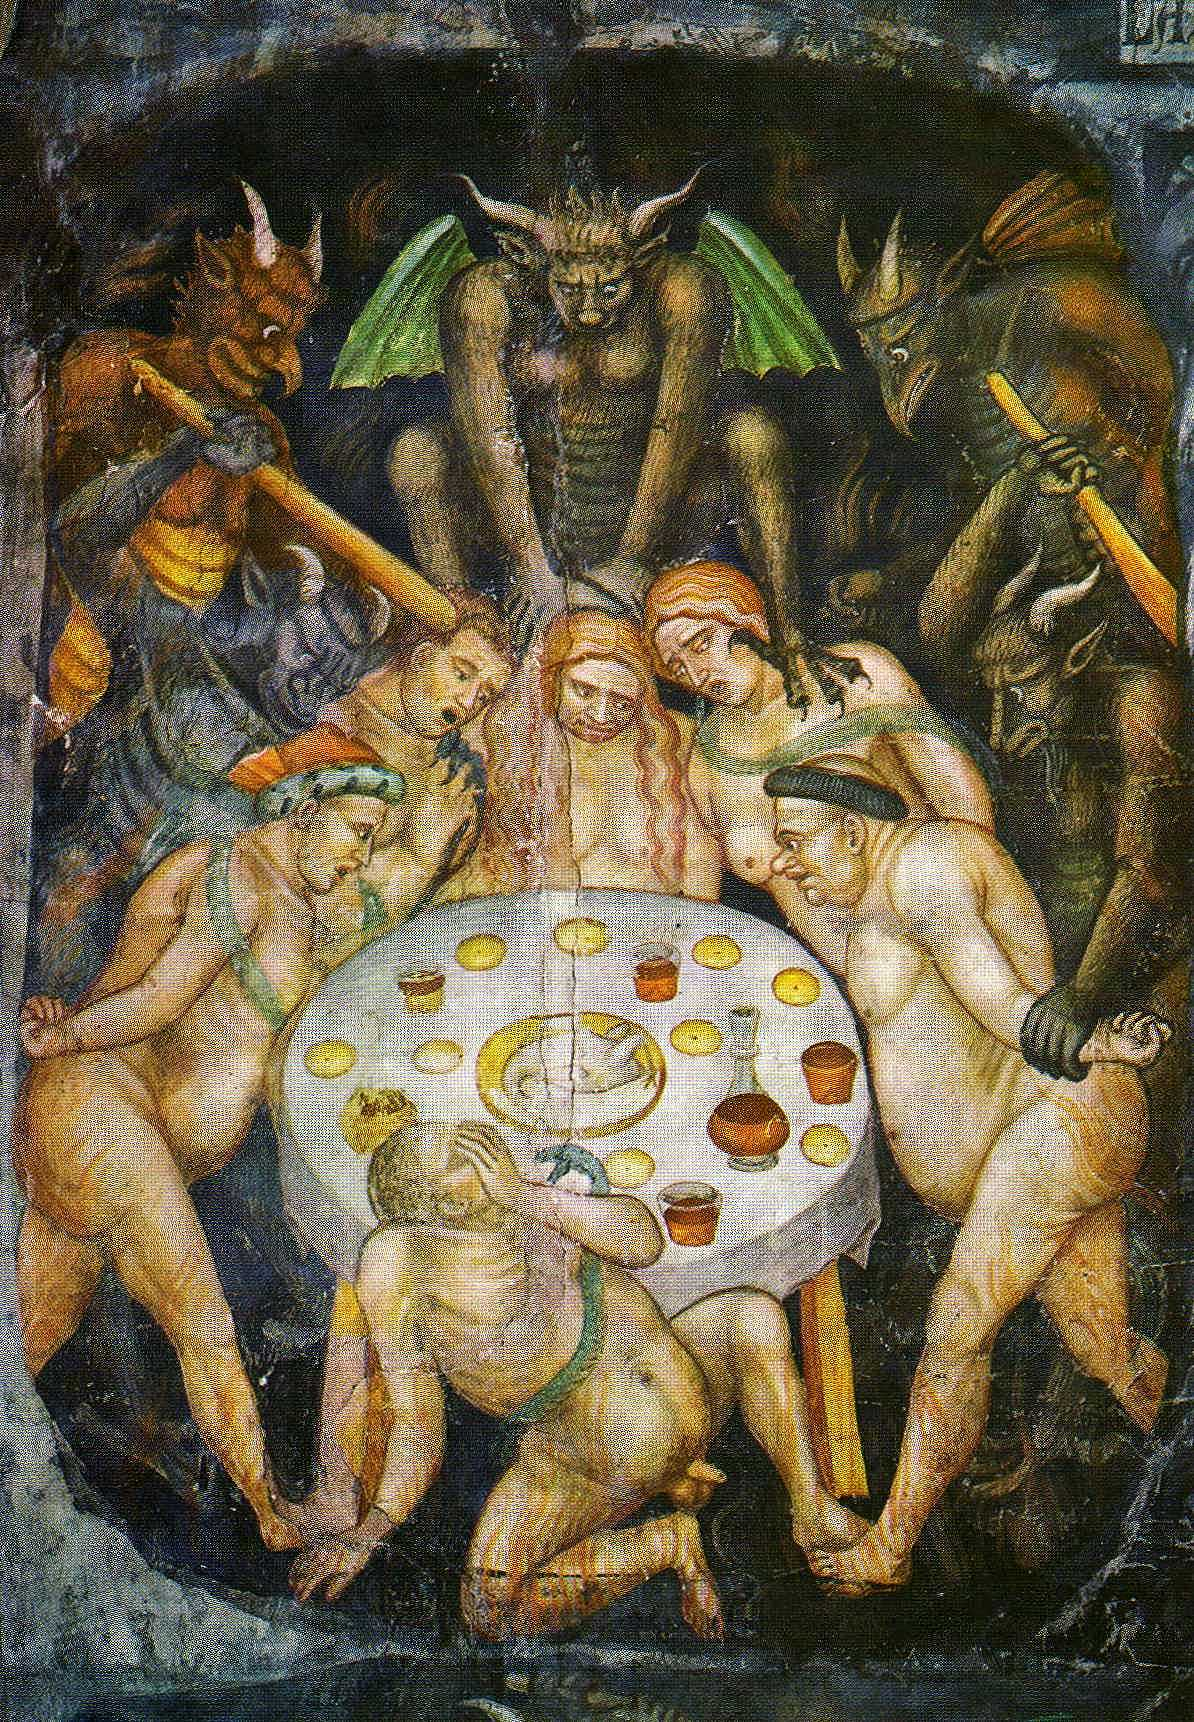 Taddeo di Bartolo - El Juicio Final (detalle de la gula) c.1394